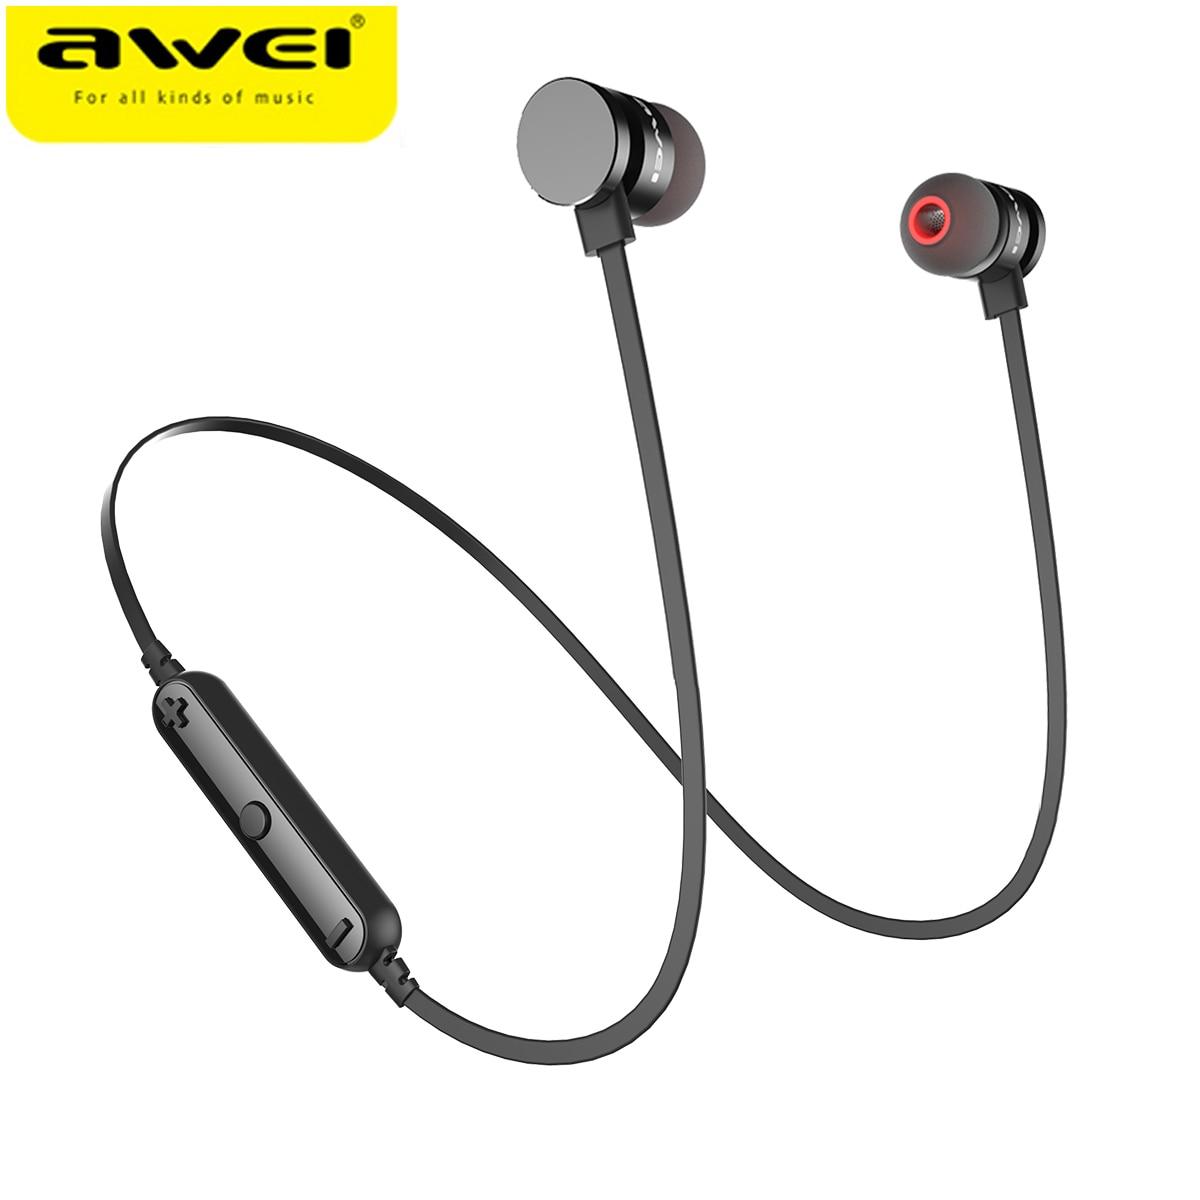 Новые AWEI T11 Беспроводной наушники гарнитура Bluetooth наушники Fone де ouvido Спорт Музыка v4.2 Auriculares Bluetooth шлем